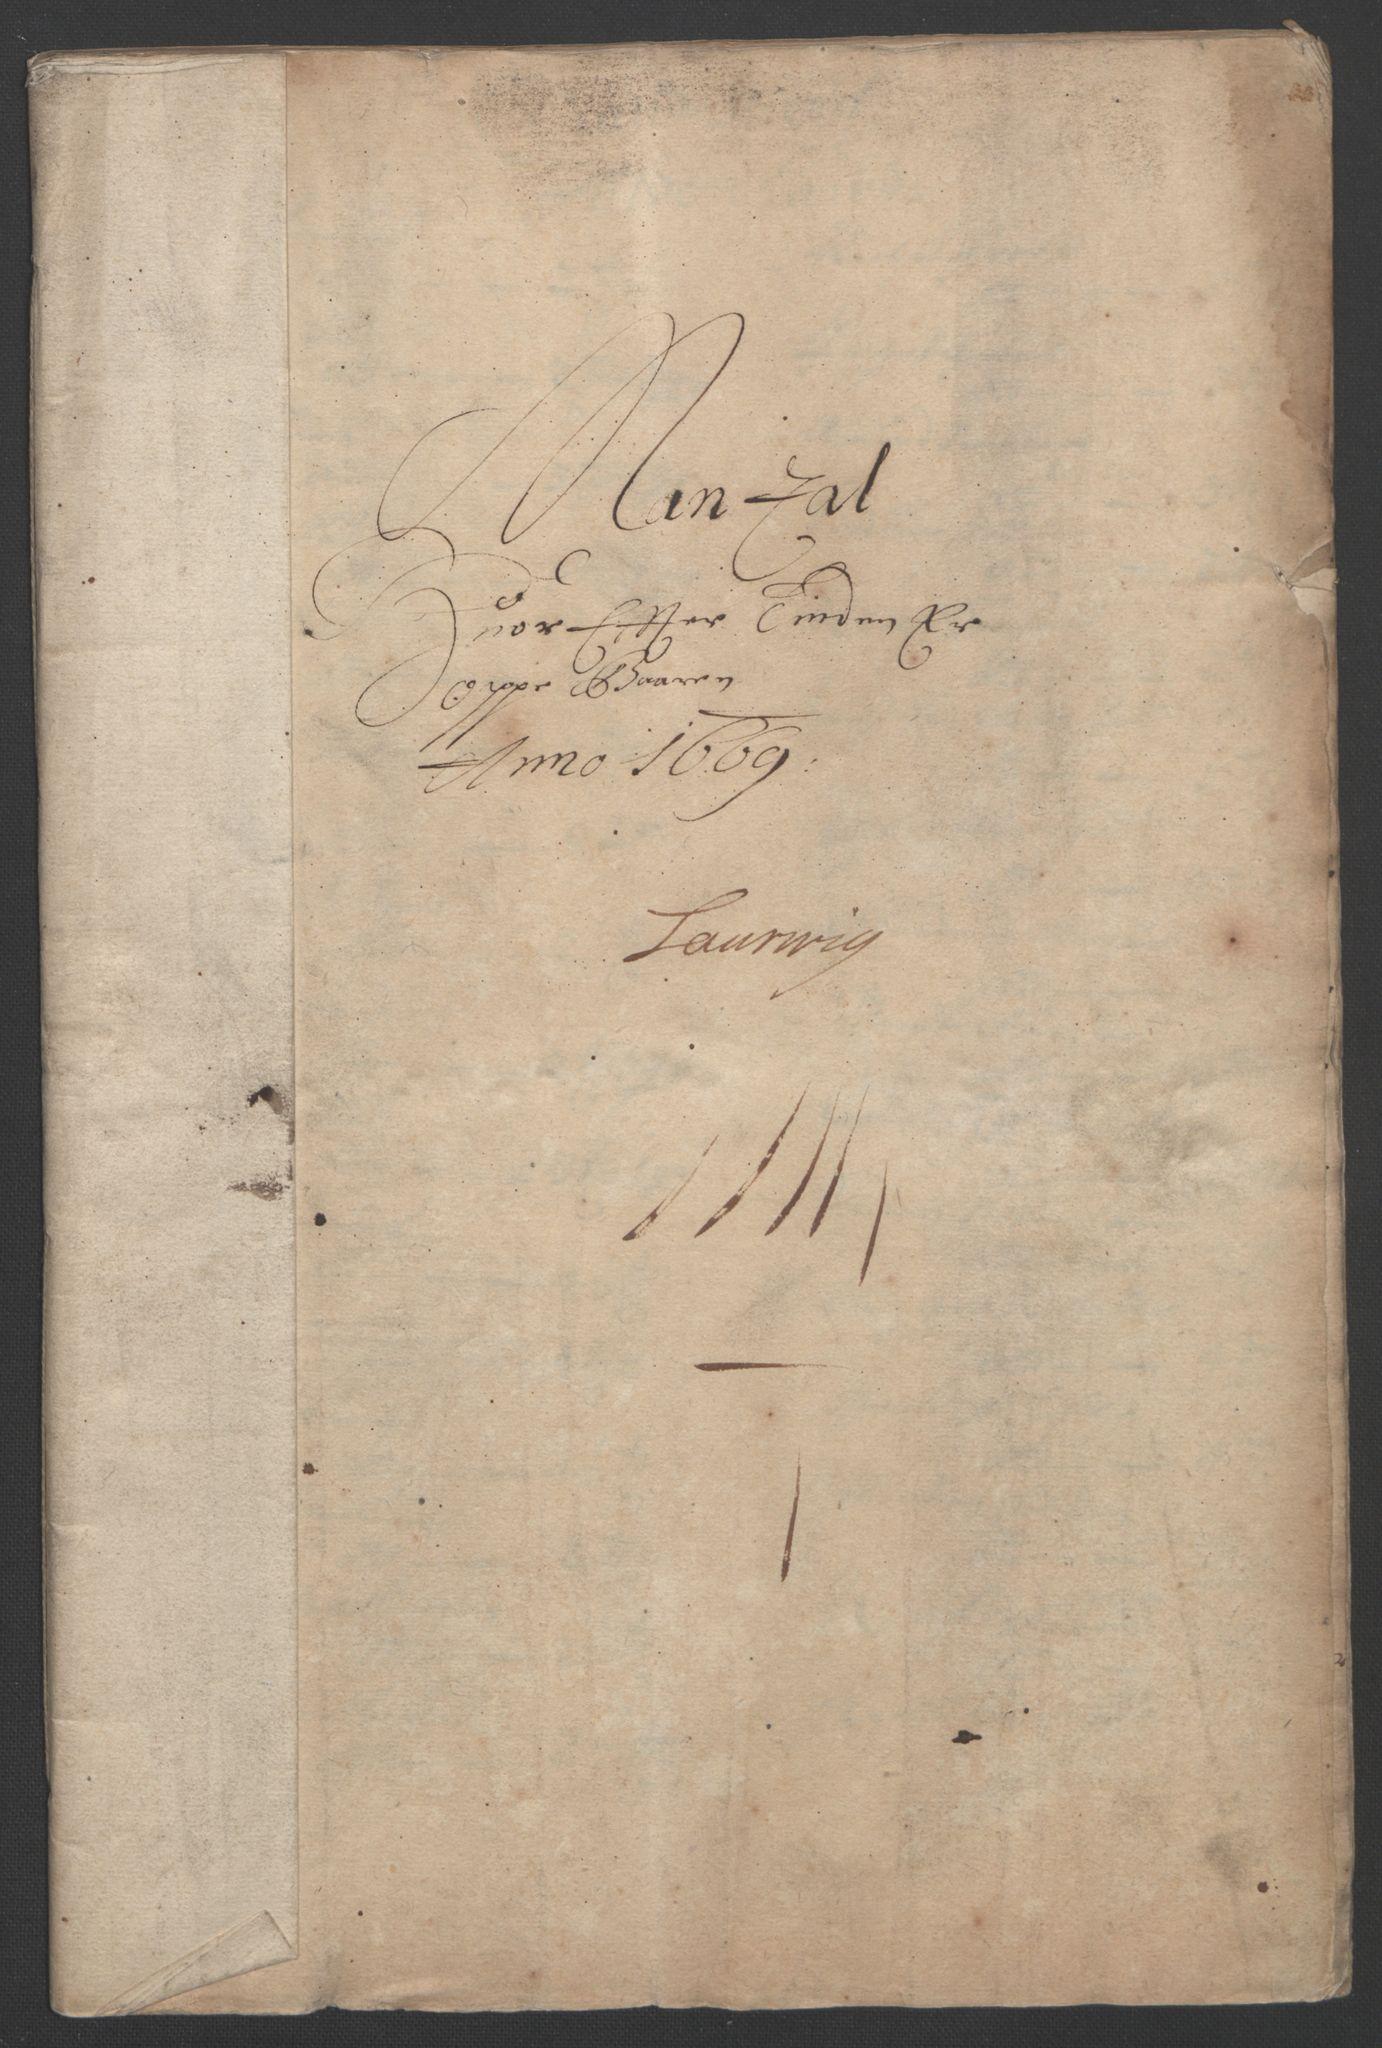 RA, Rentekammeret inntil 1814, Reviderte regnskaper, Fogderegnskap, R33/L1965: Fogderegnskap Larvik grevskap, 1669-1670, s. 104